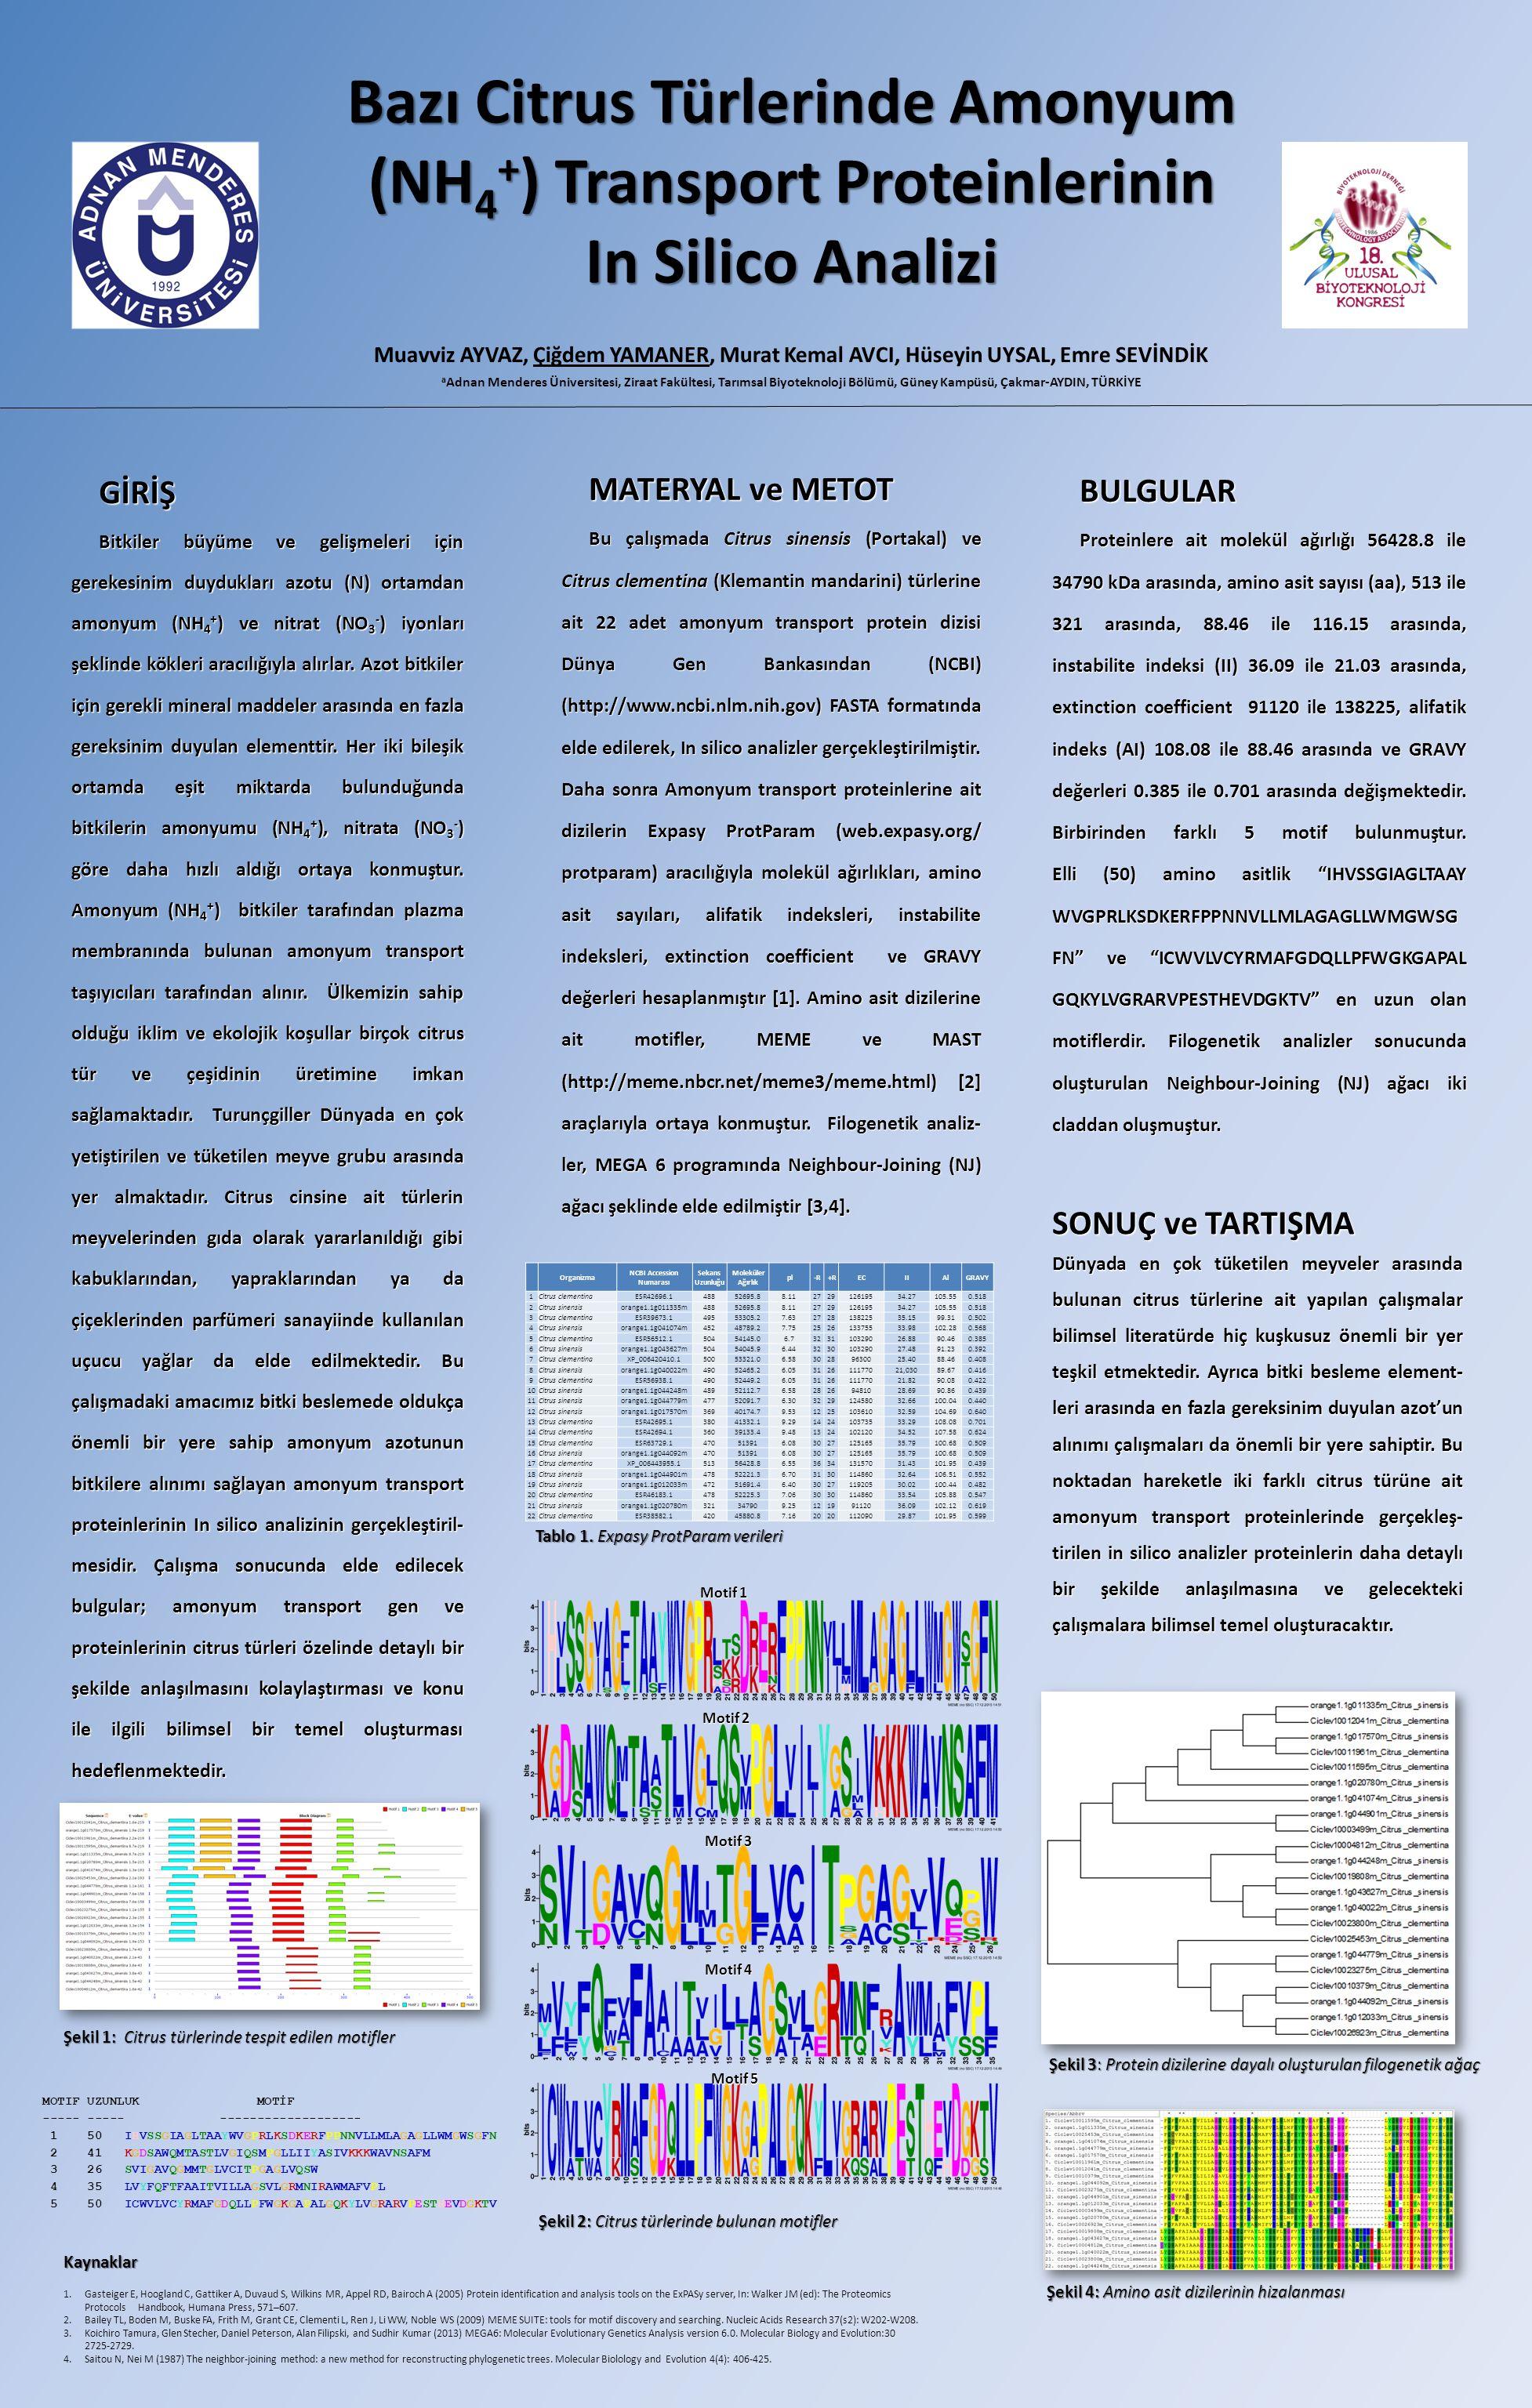 Bazı Citrus Türlerinde Amonyum (NH 4 + ) Transport Proteinlerinin In Silico Analizi Muavviz AYVAZ, Çiğdem YAMANER, Murat Kemal AVCI, Hüseyin UYSAL, Emre SEVİNDİK a Adnan Menderes Üniversitesi, Ziraat Fakültesi, Tarımsal Biyoteknoloji Bölümü, Güney Kampüsü, Çakmar-AYDIN, TÜRKİYE GİRİŞ Bitkiler büyüme ve gelişmeleri için gerekesinim duydukları azotu (N) ortamdan amonyum (NH 4 + ) ve nitrat (NO 3 - ) iyonları şeklinde kökleri aracılığıyla alırlar.